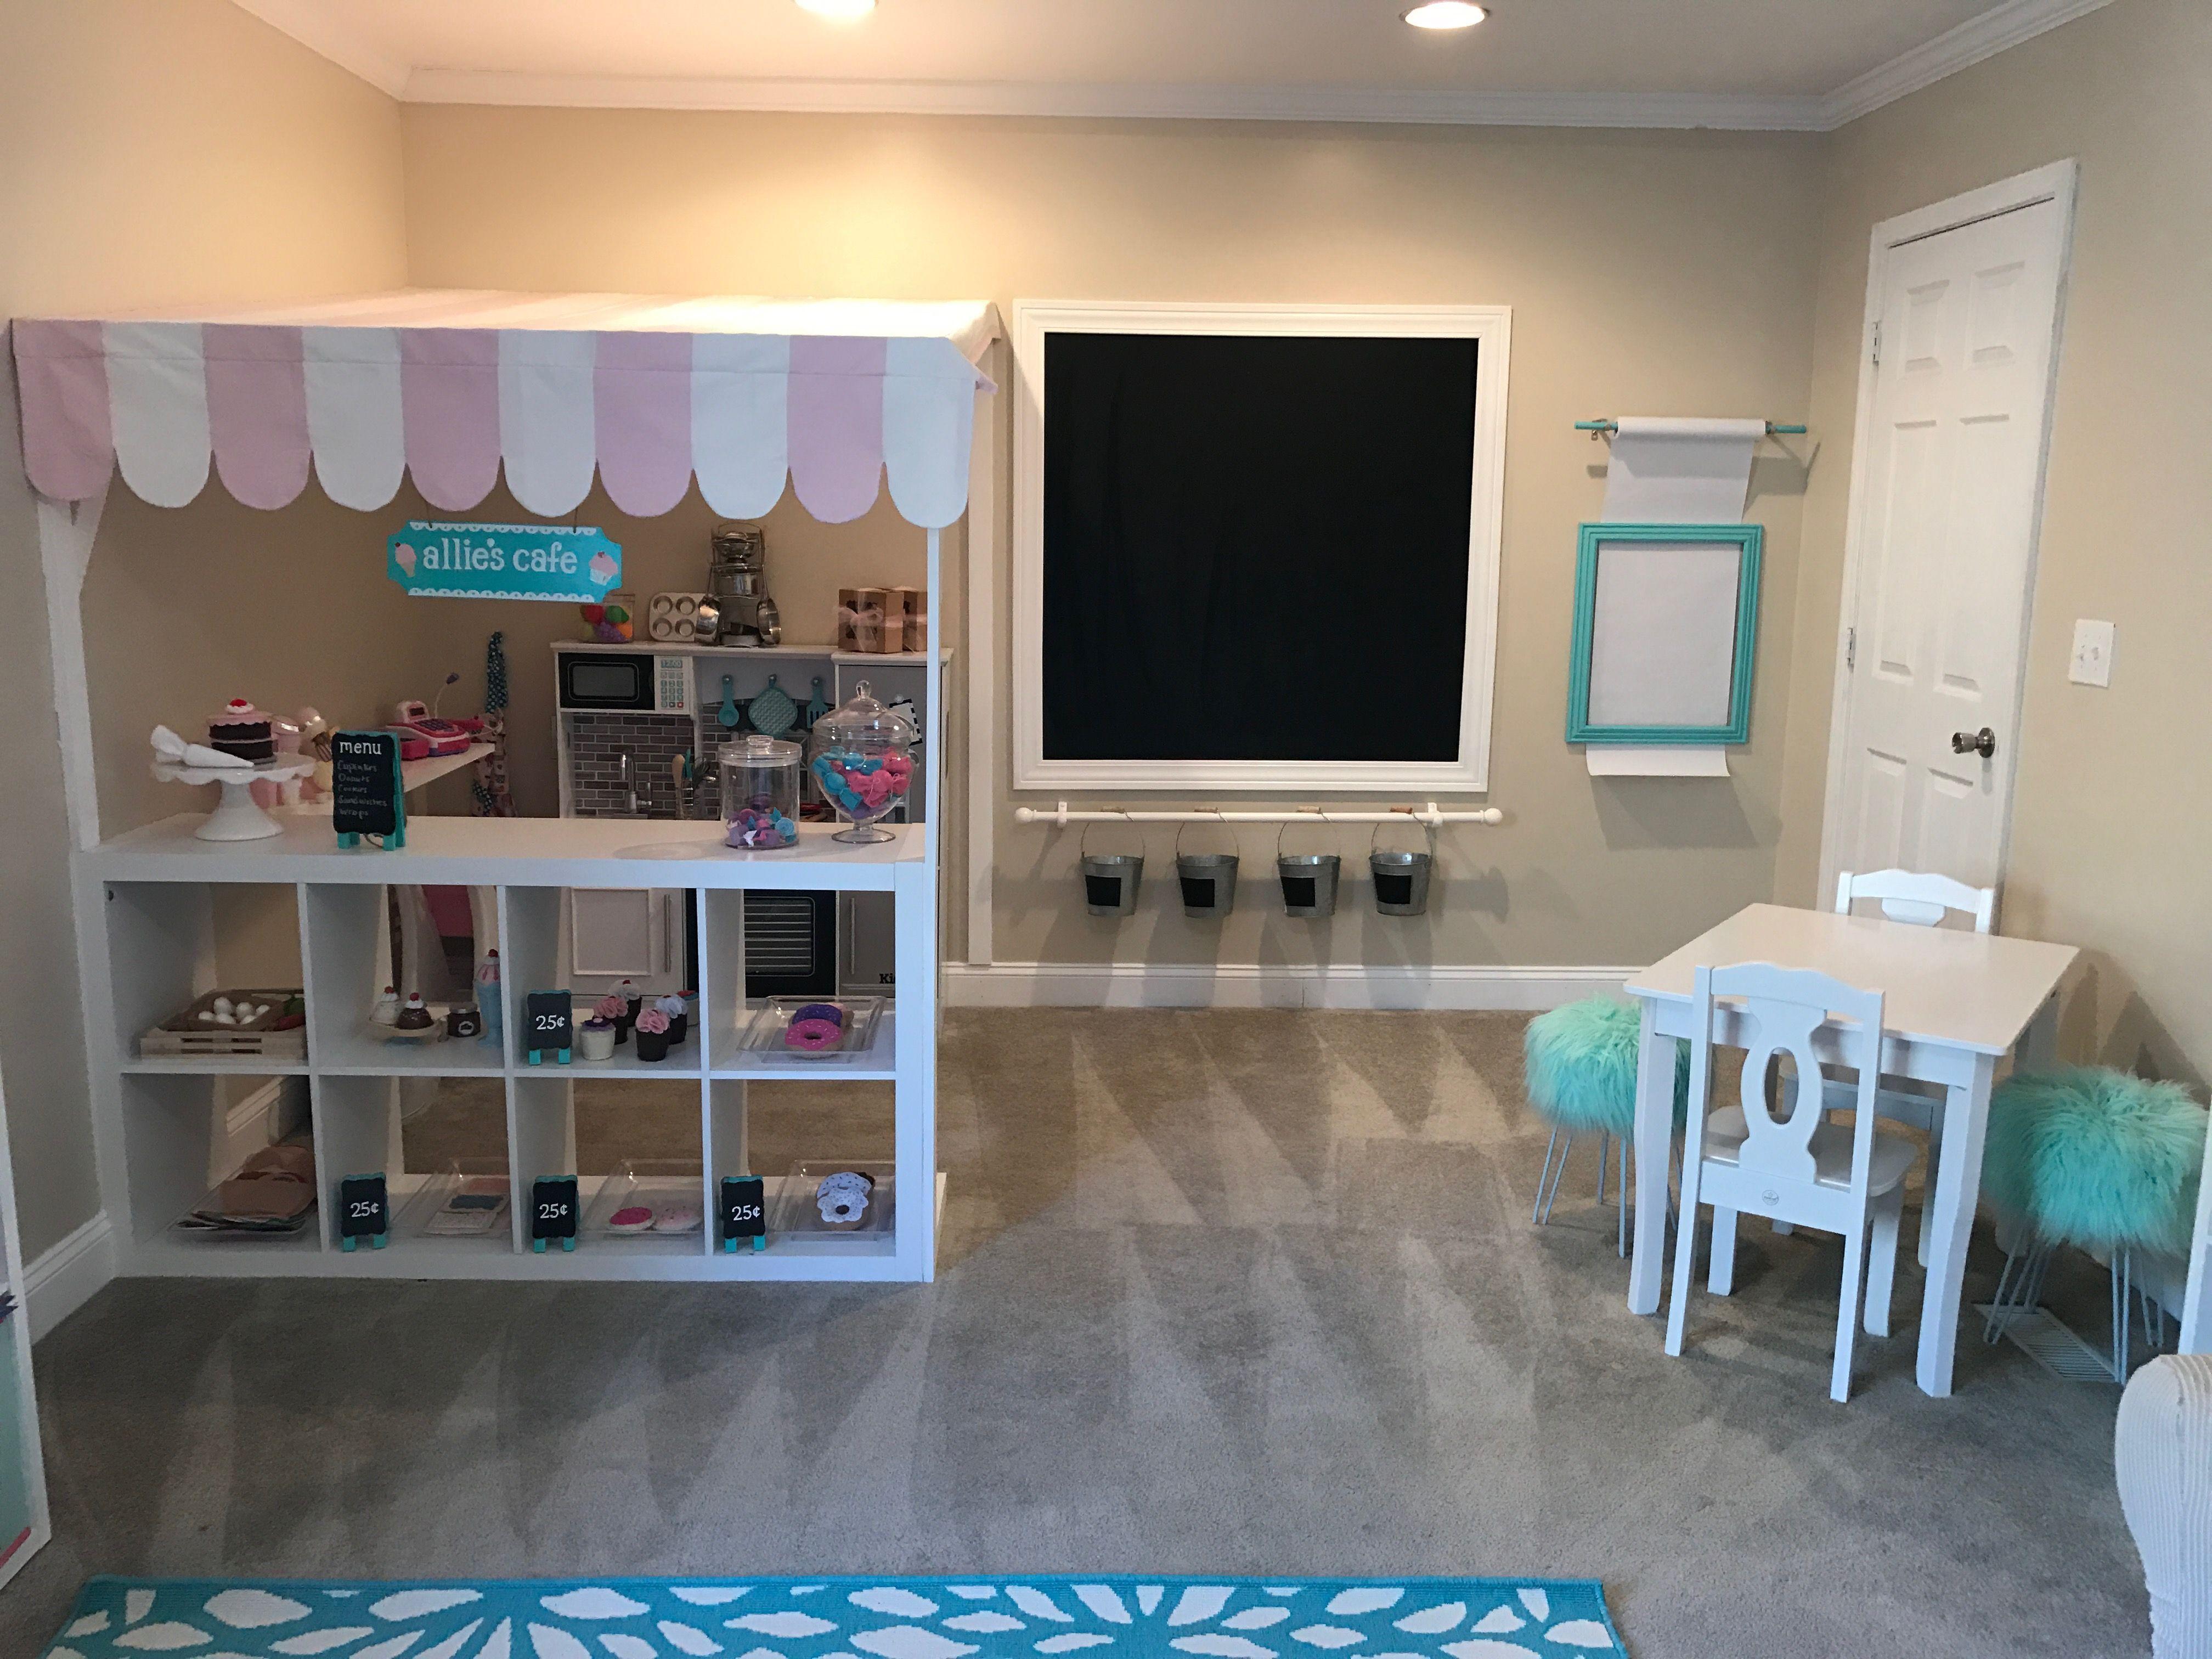 Kids Playroom Ideas Playroom Ideas Kids Cafe Kids Kitchen Play Area Kids Art Area Chalkboard Toy Room Decor Modern Playroom Playroom Design